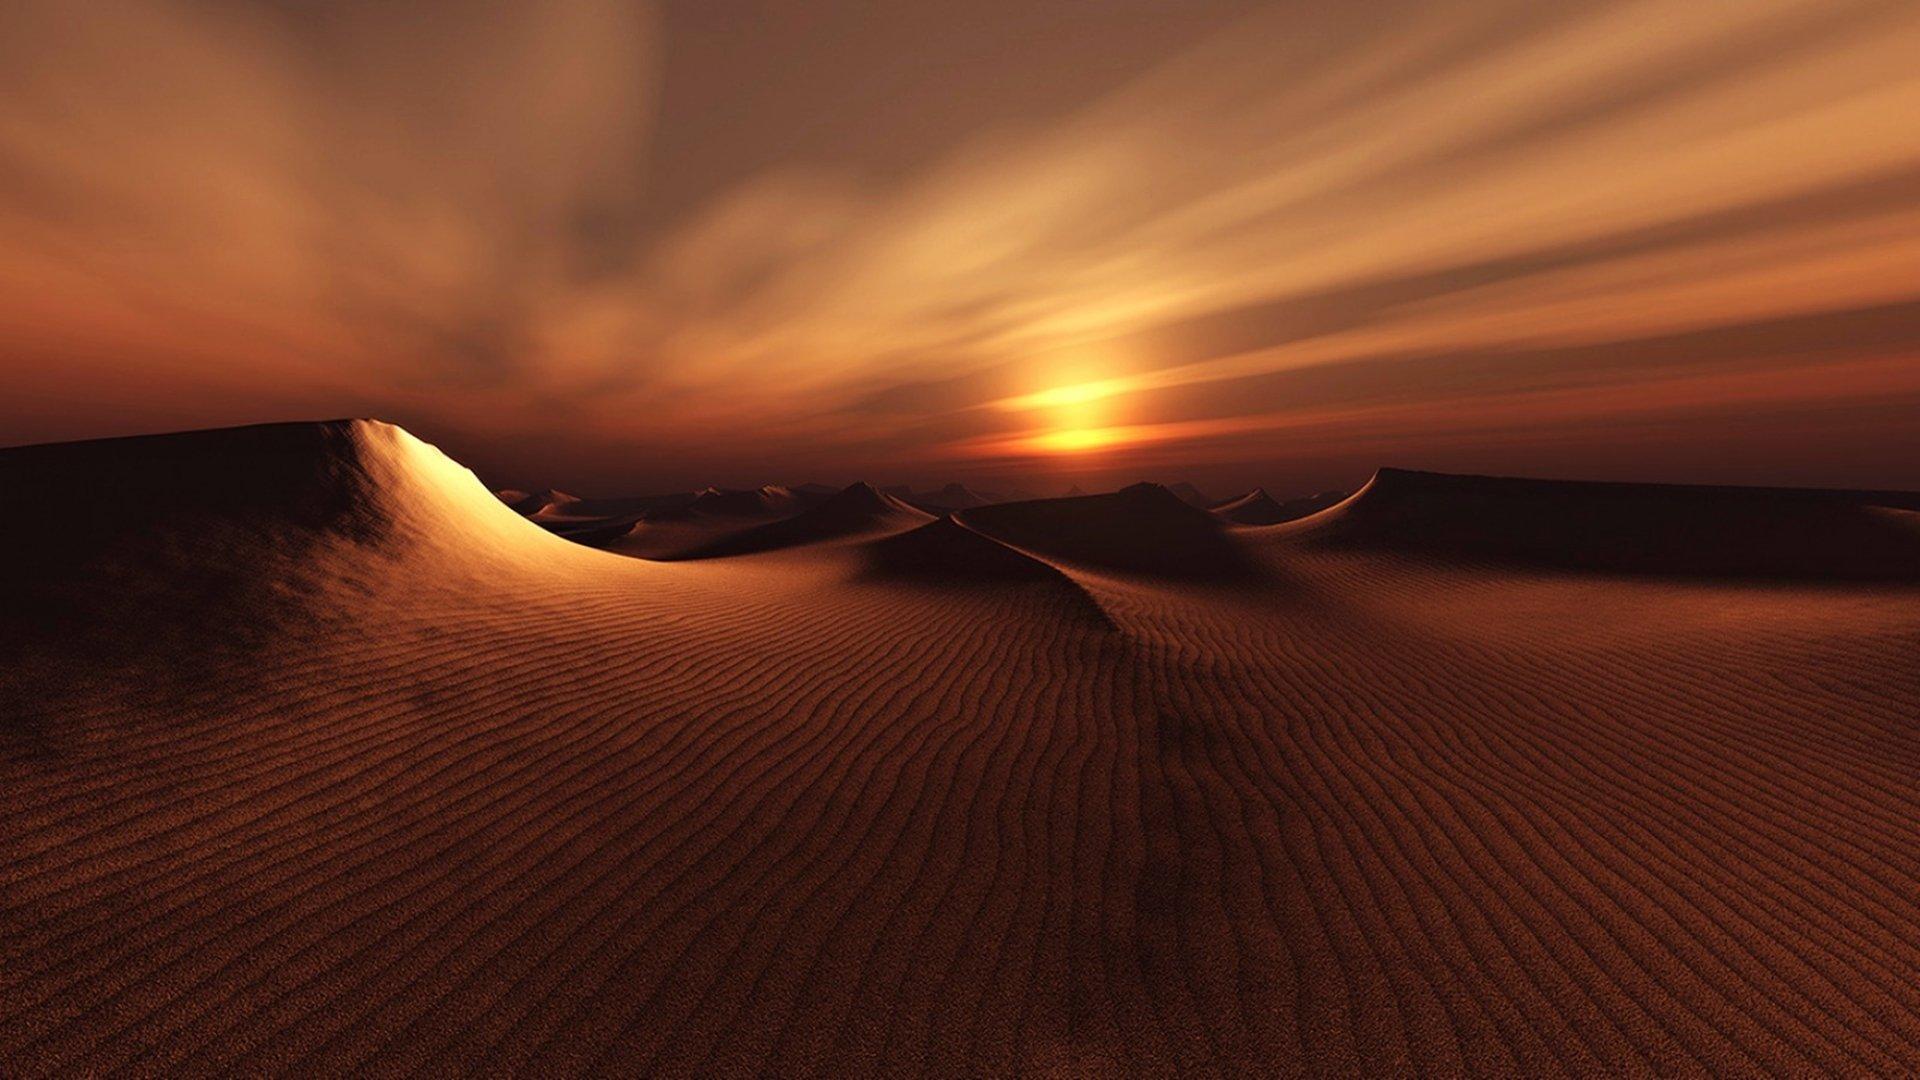 Earth - Sunset  Earth Nature Sand Dune Landscape Desert Wallpaper